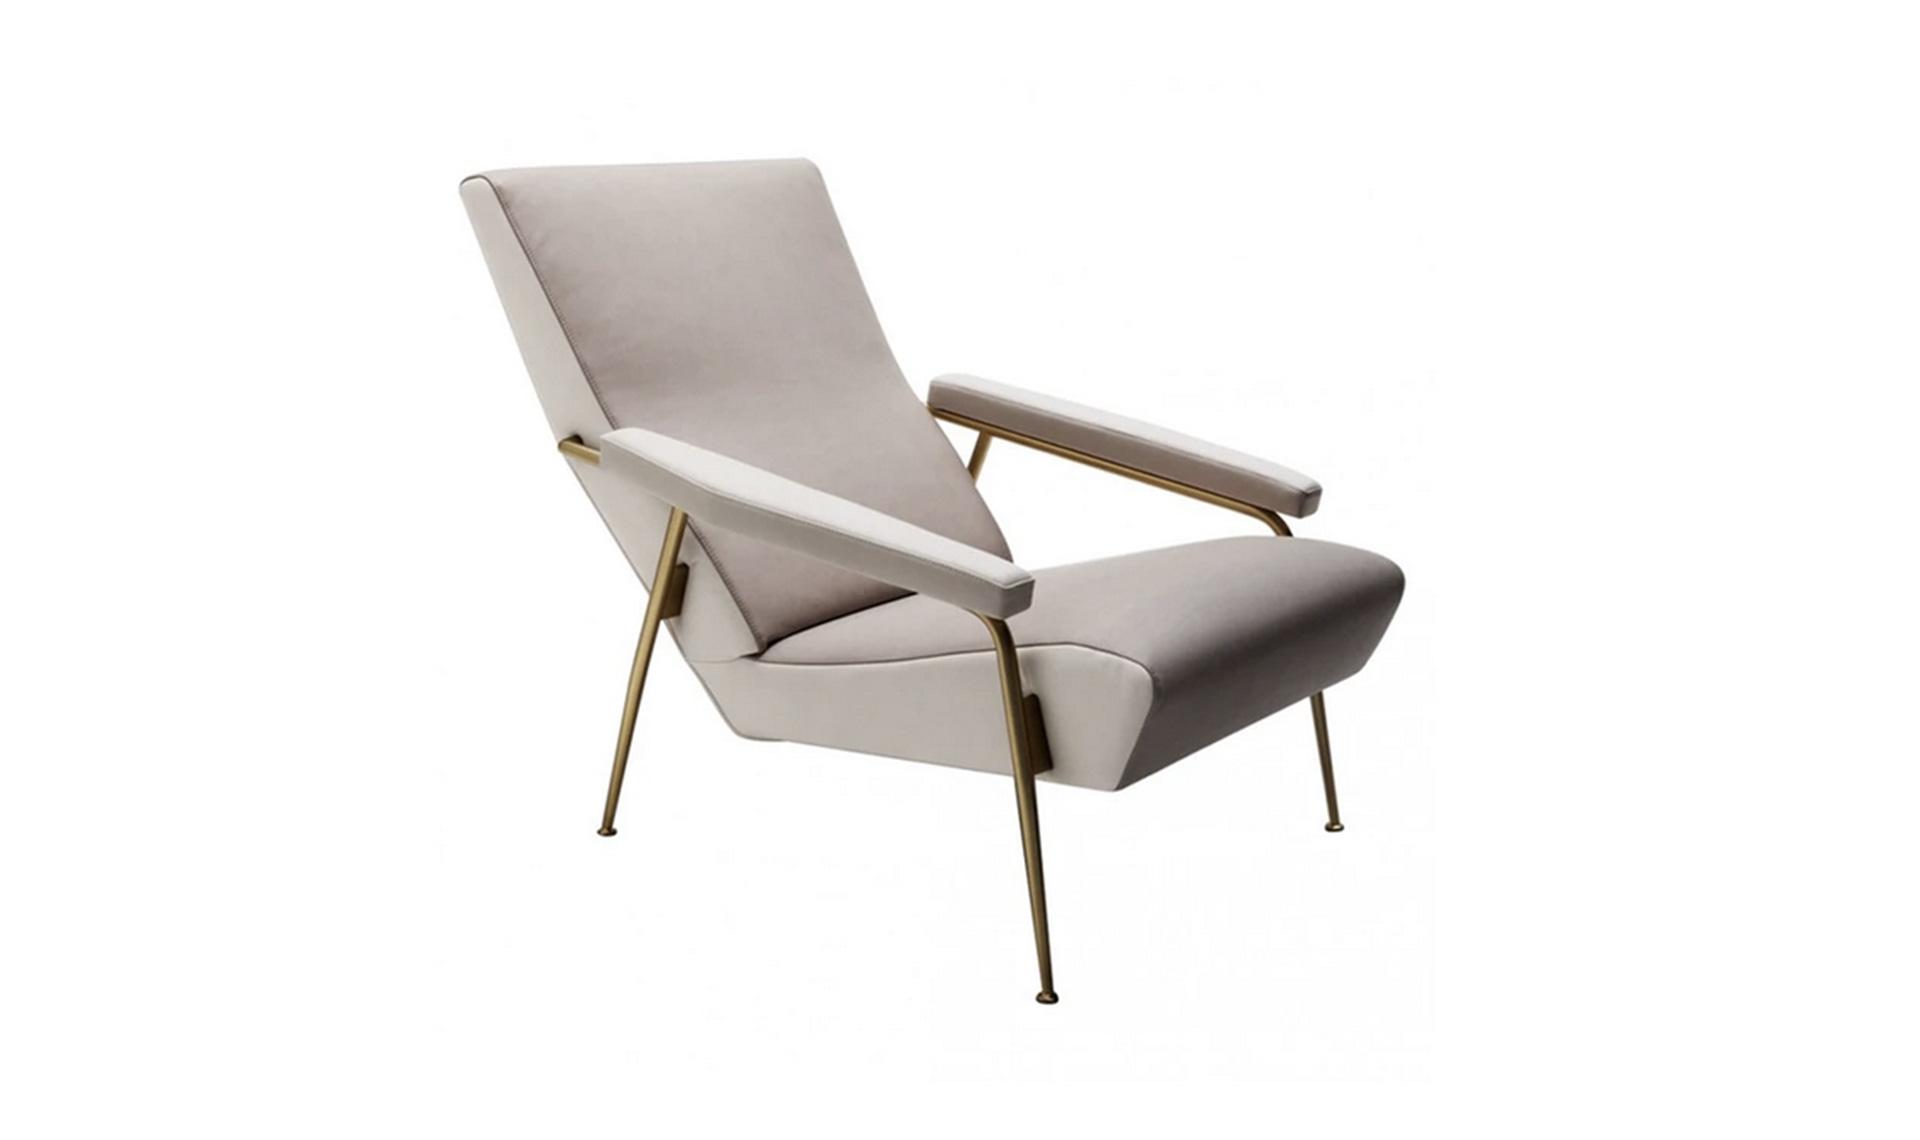 100 лет дизайна: кресло Distex Джо Понти